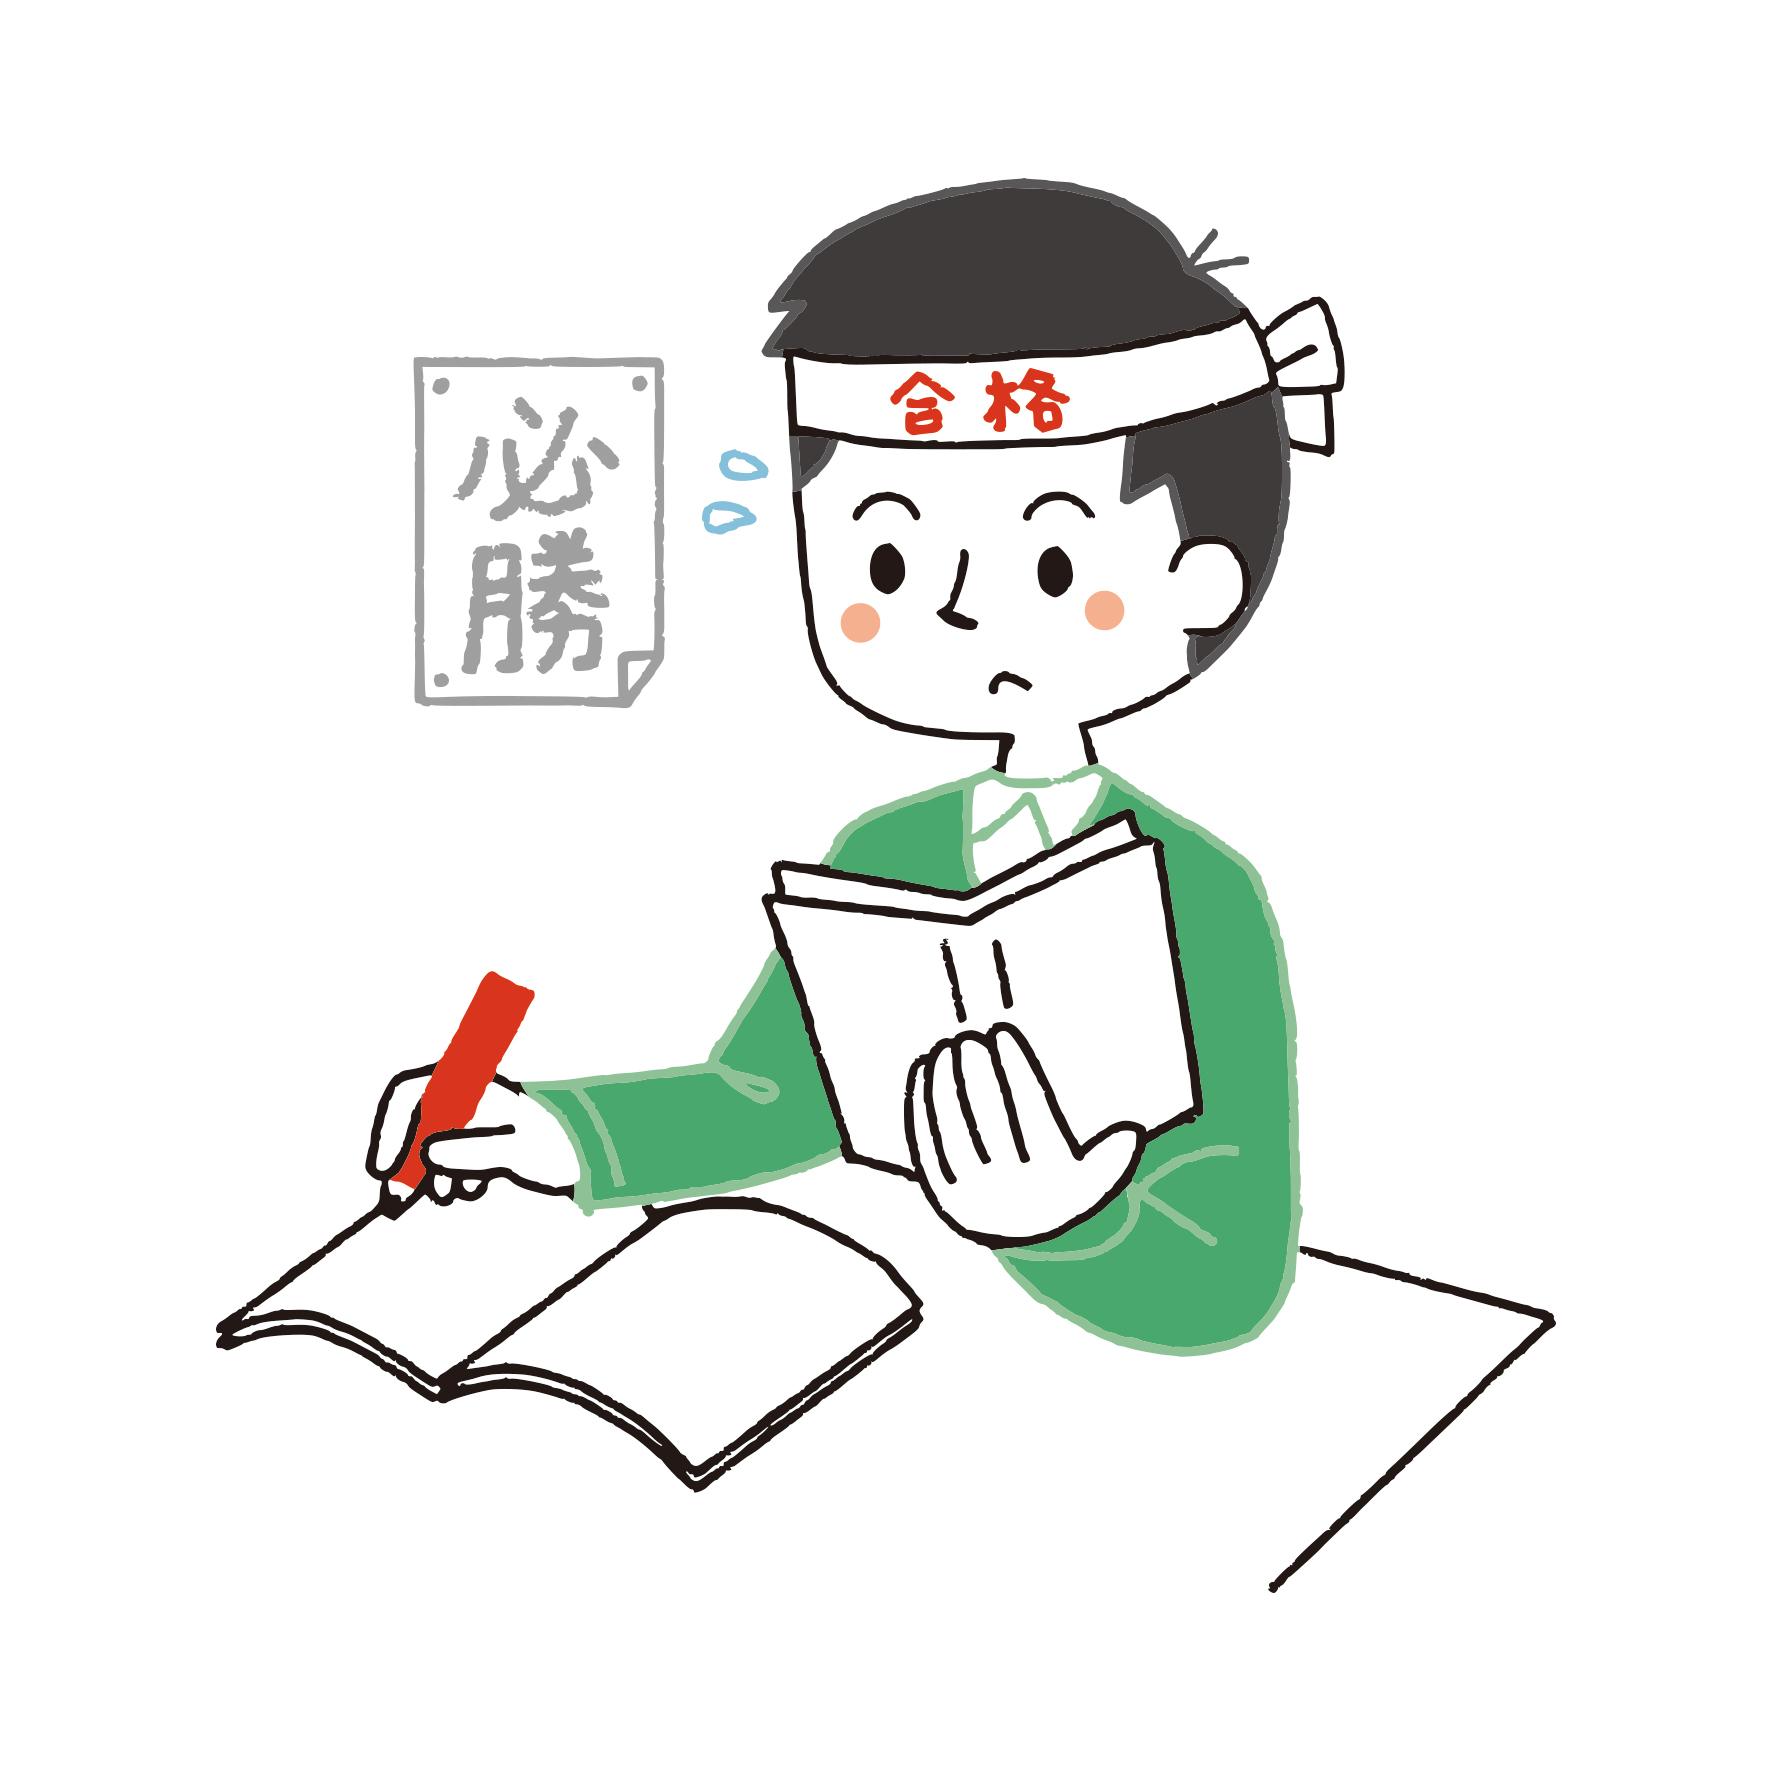 公務員試験@おすすめの対策本をAmazonで調べてみました